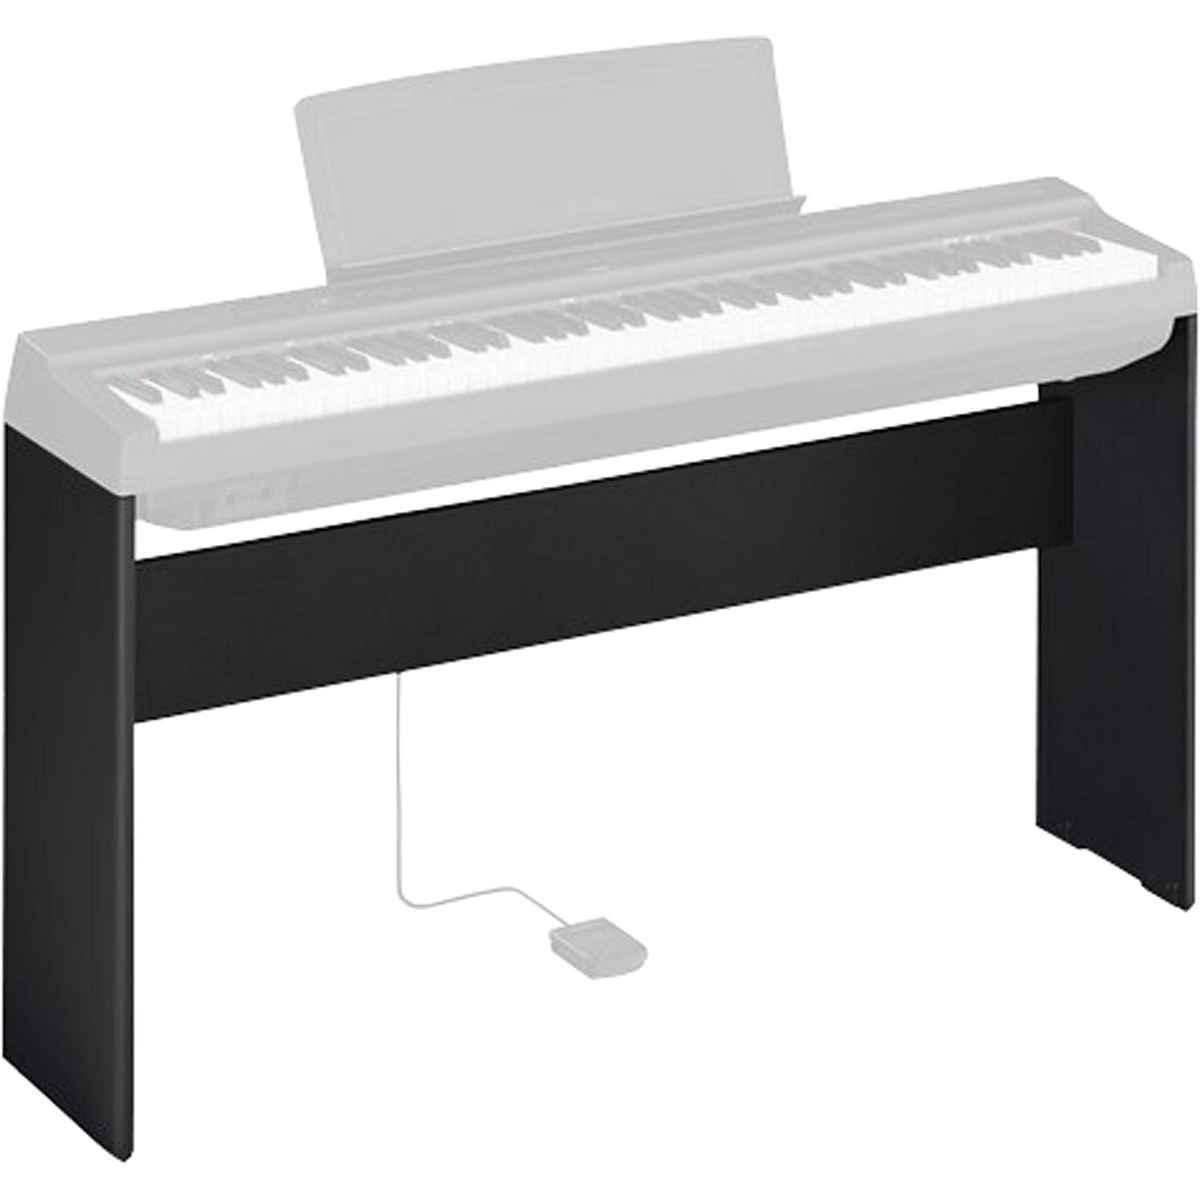 Estante para Piano L125B P125 Preto Yamaha